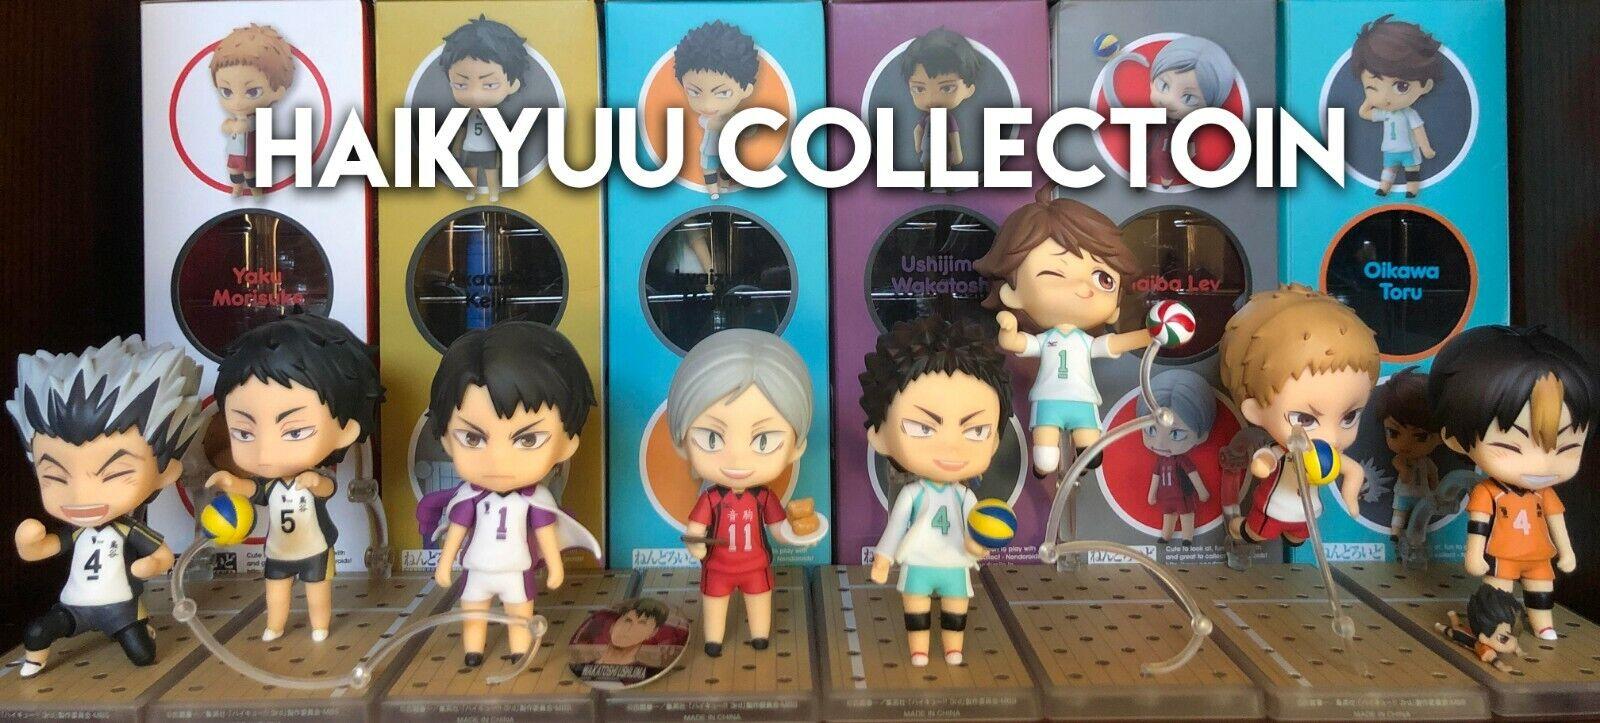 HAIKYU   Haikyuu Nendgoldid Collection 100% AUTHENTIC USA Seller BRAND NEW